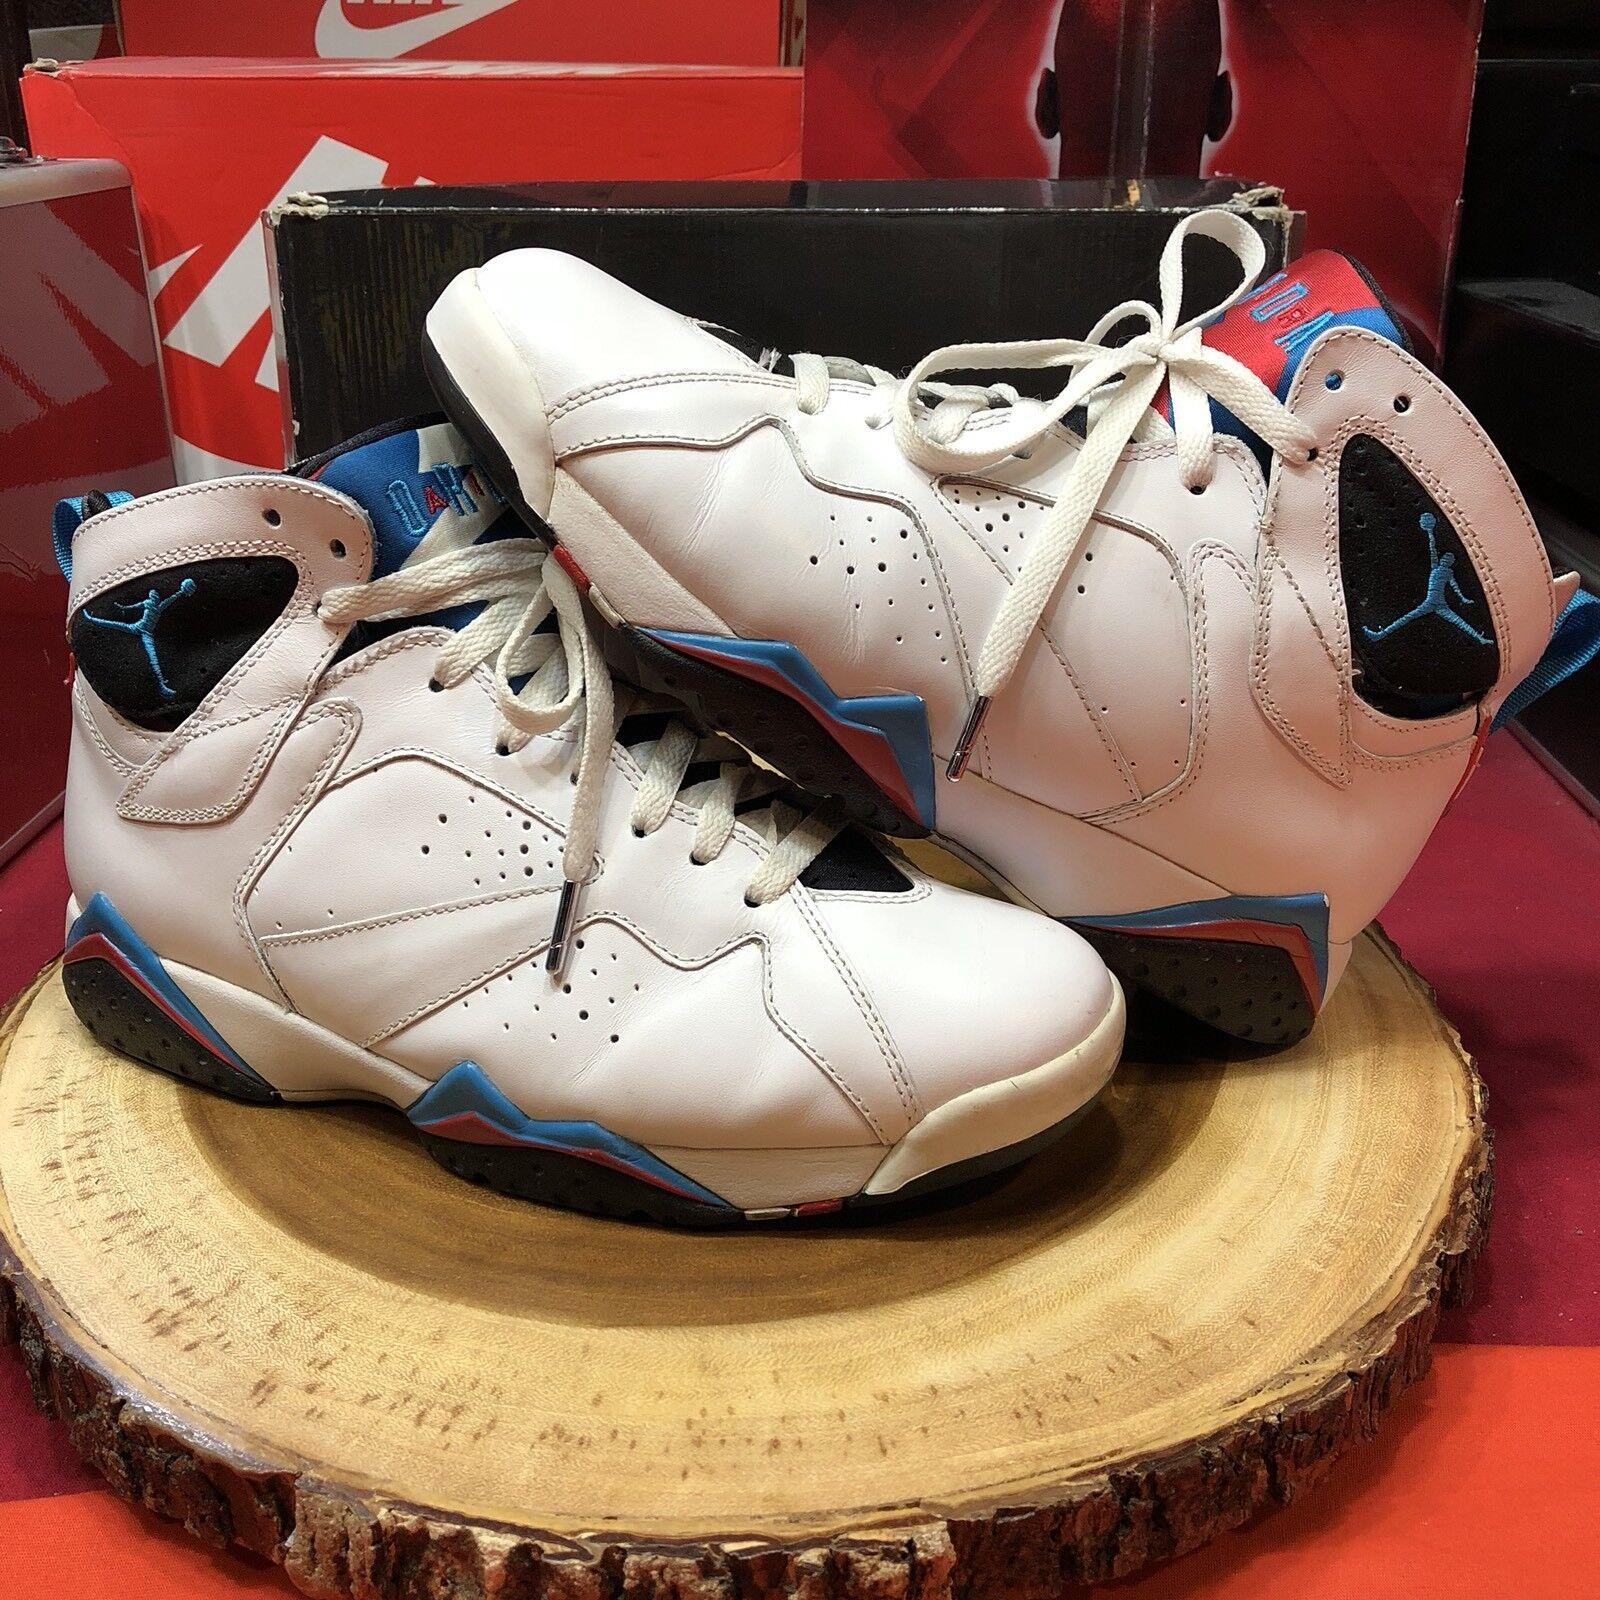 Nike Air Jordan VII 7 Retro White Orion bluee-Black-Infrared 304775-105 Size 9